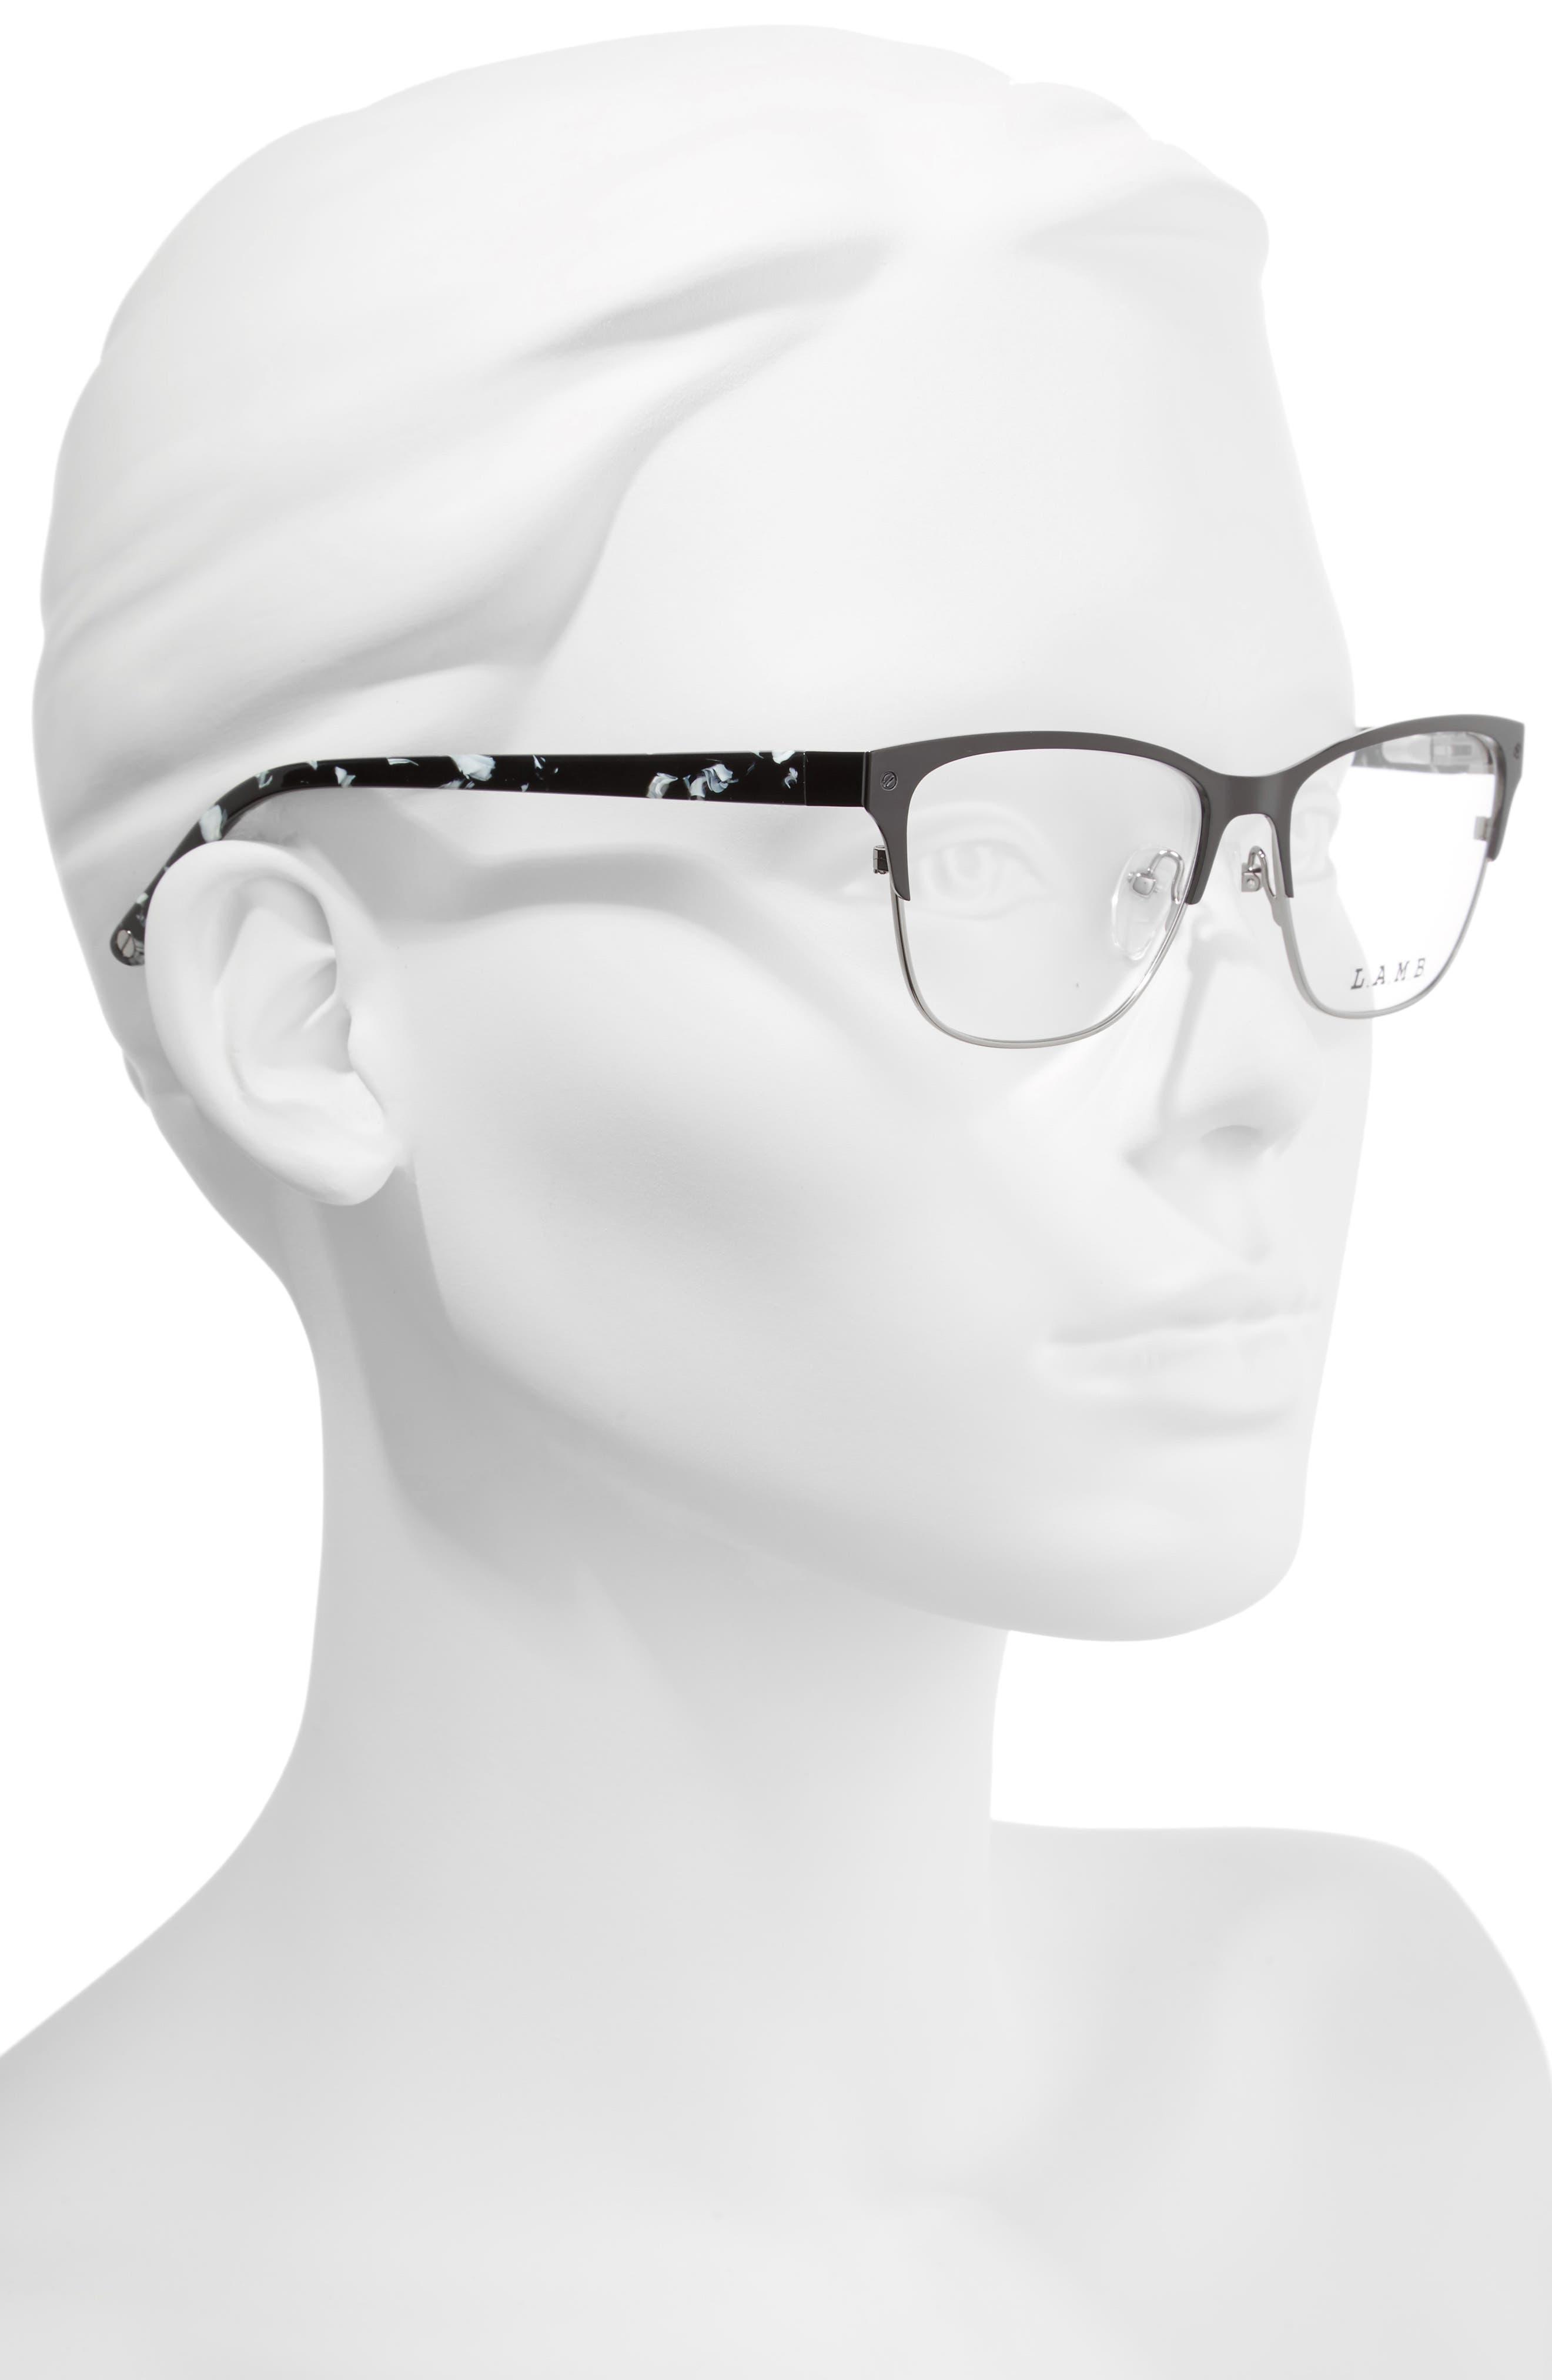 52mm Cat Eye Optical Glasses,                             Alternate thumbnail 2, color,                             Black